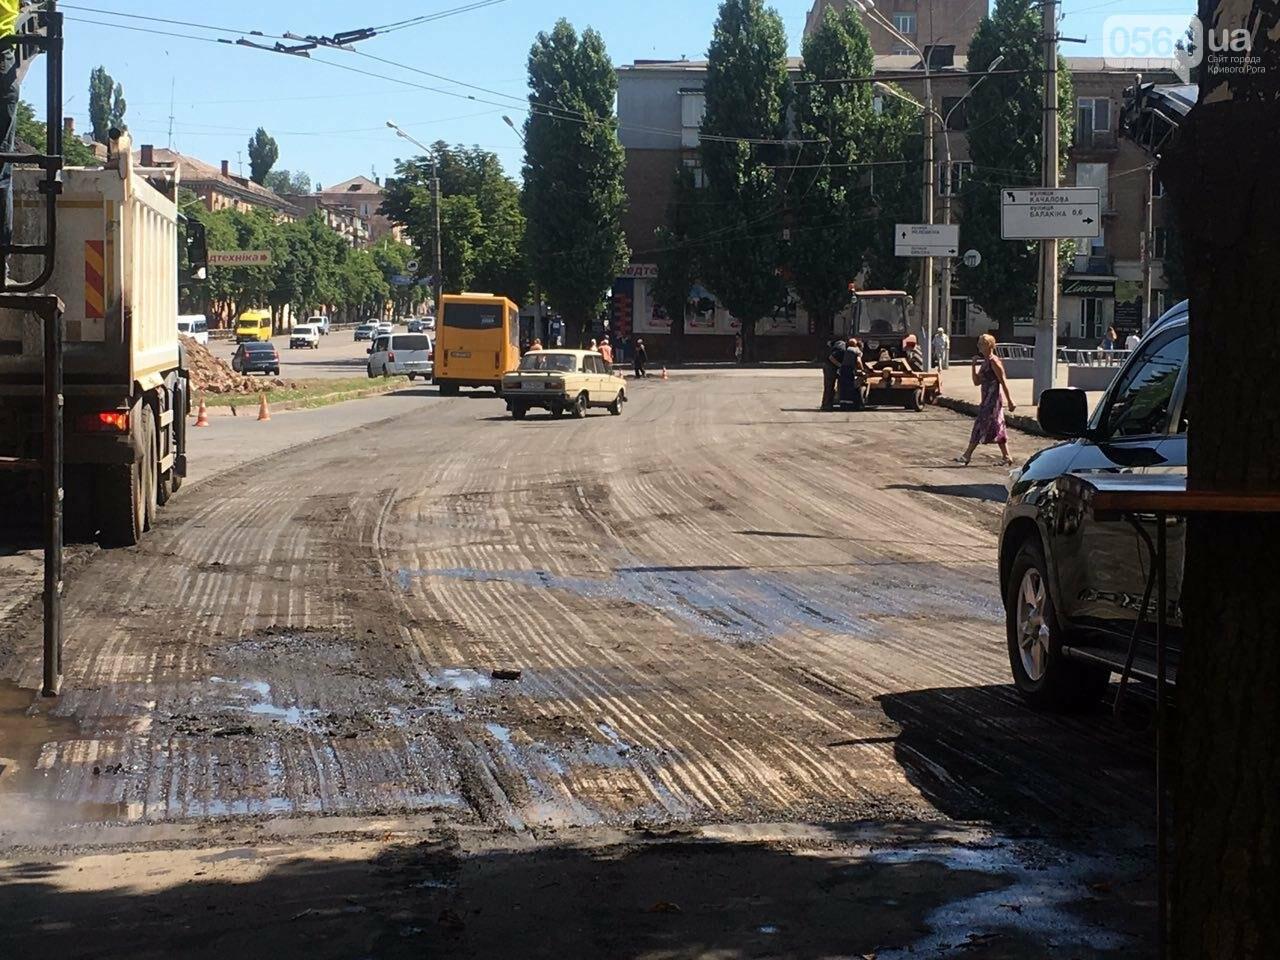 В Кривом Роге готовят площадь для установки памятника Киевскому князю Владимиру Великому, - ФОТО, фото-5